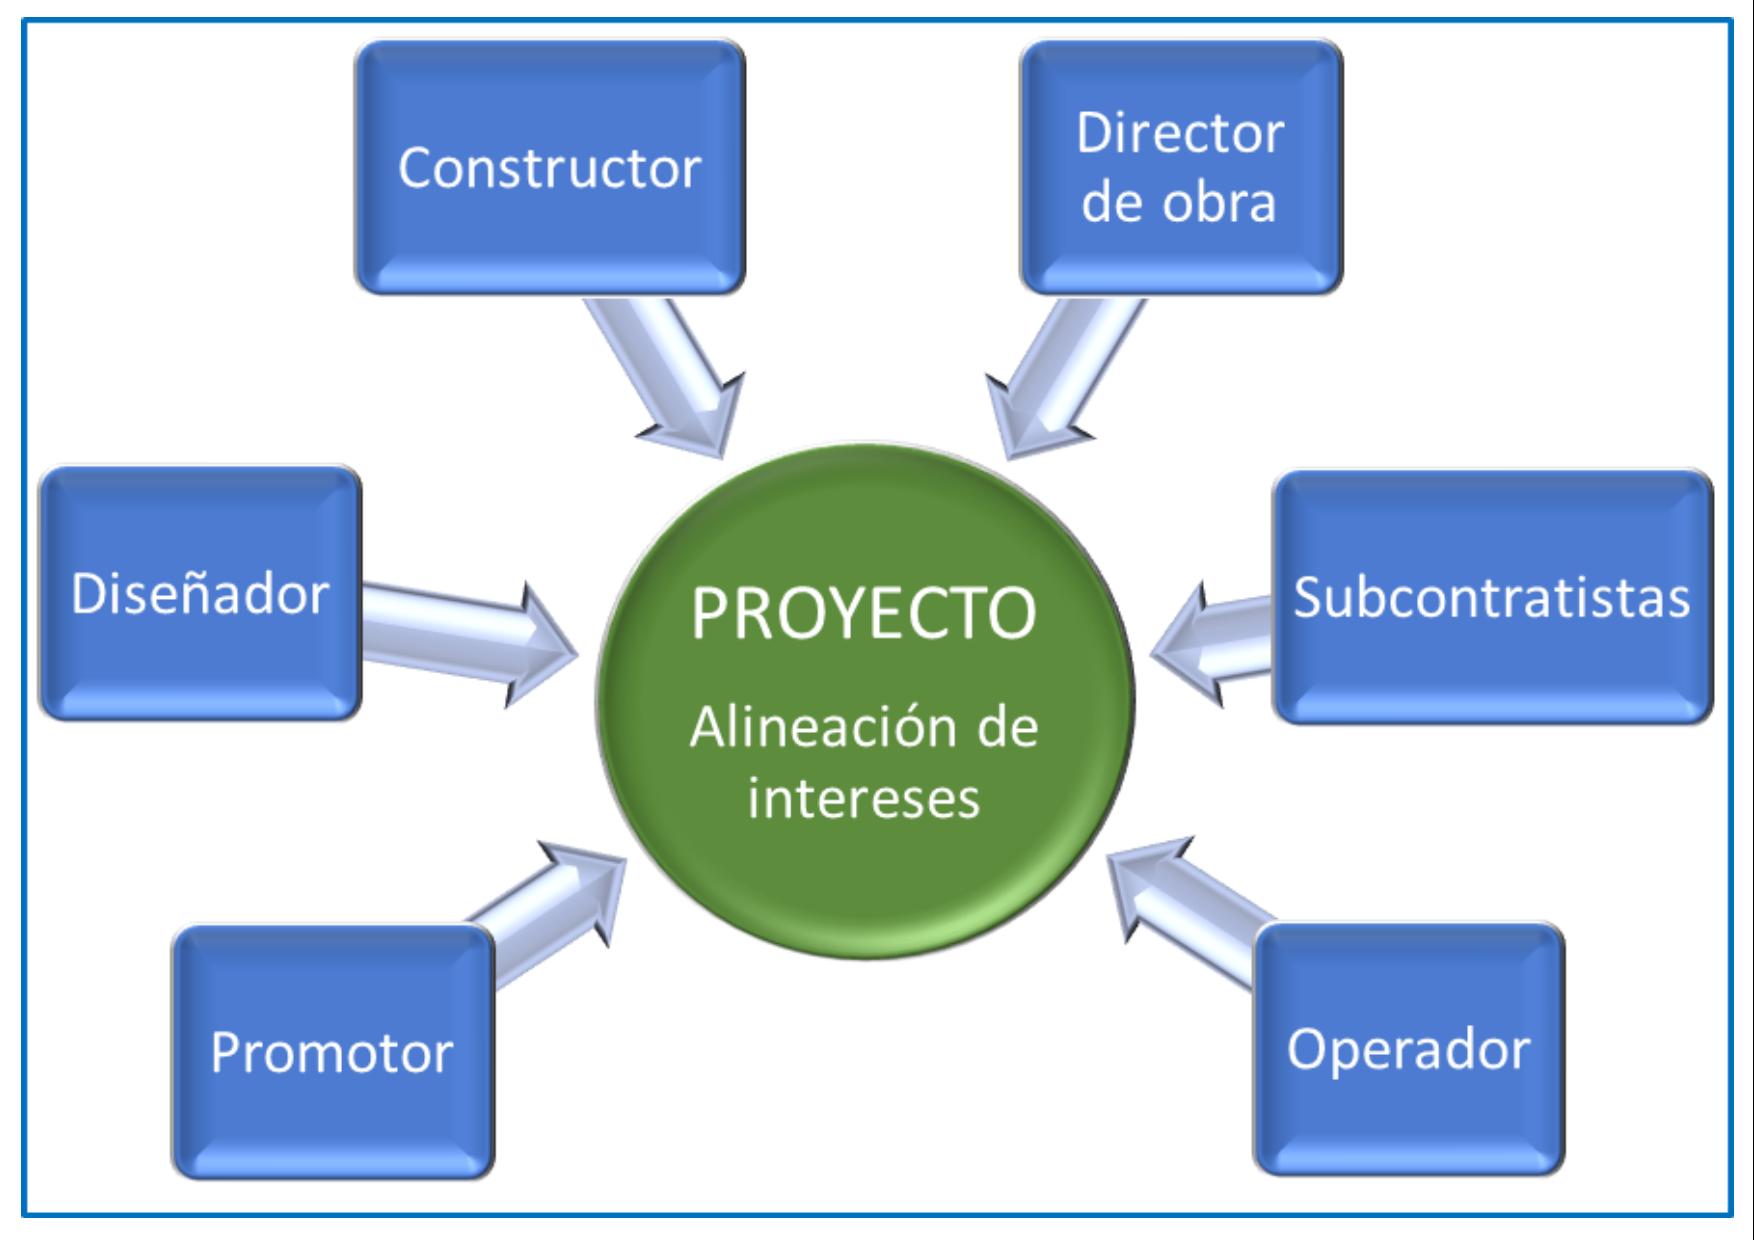 BIM: Hacia la alineación de intereses en la construcción